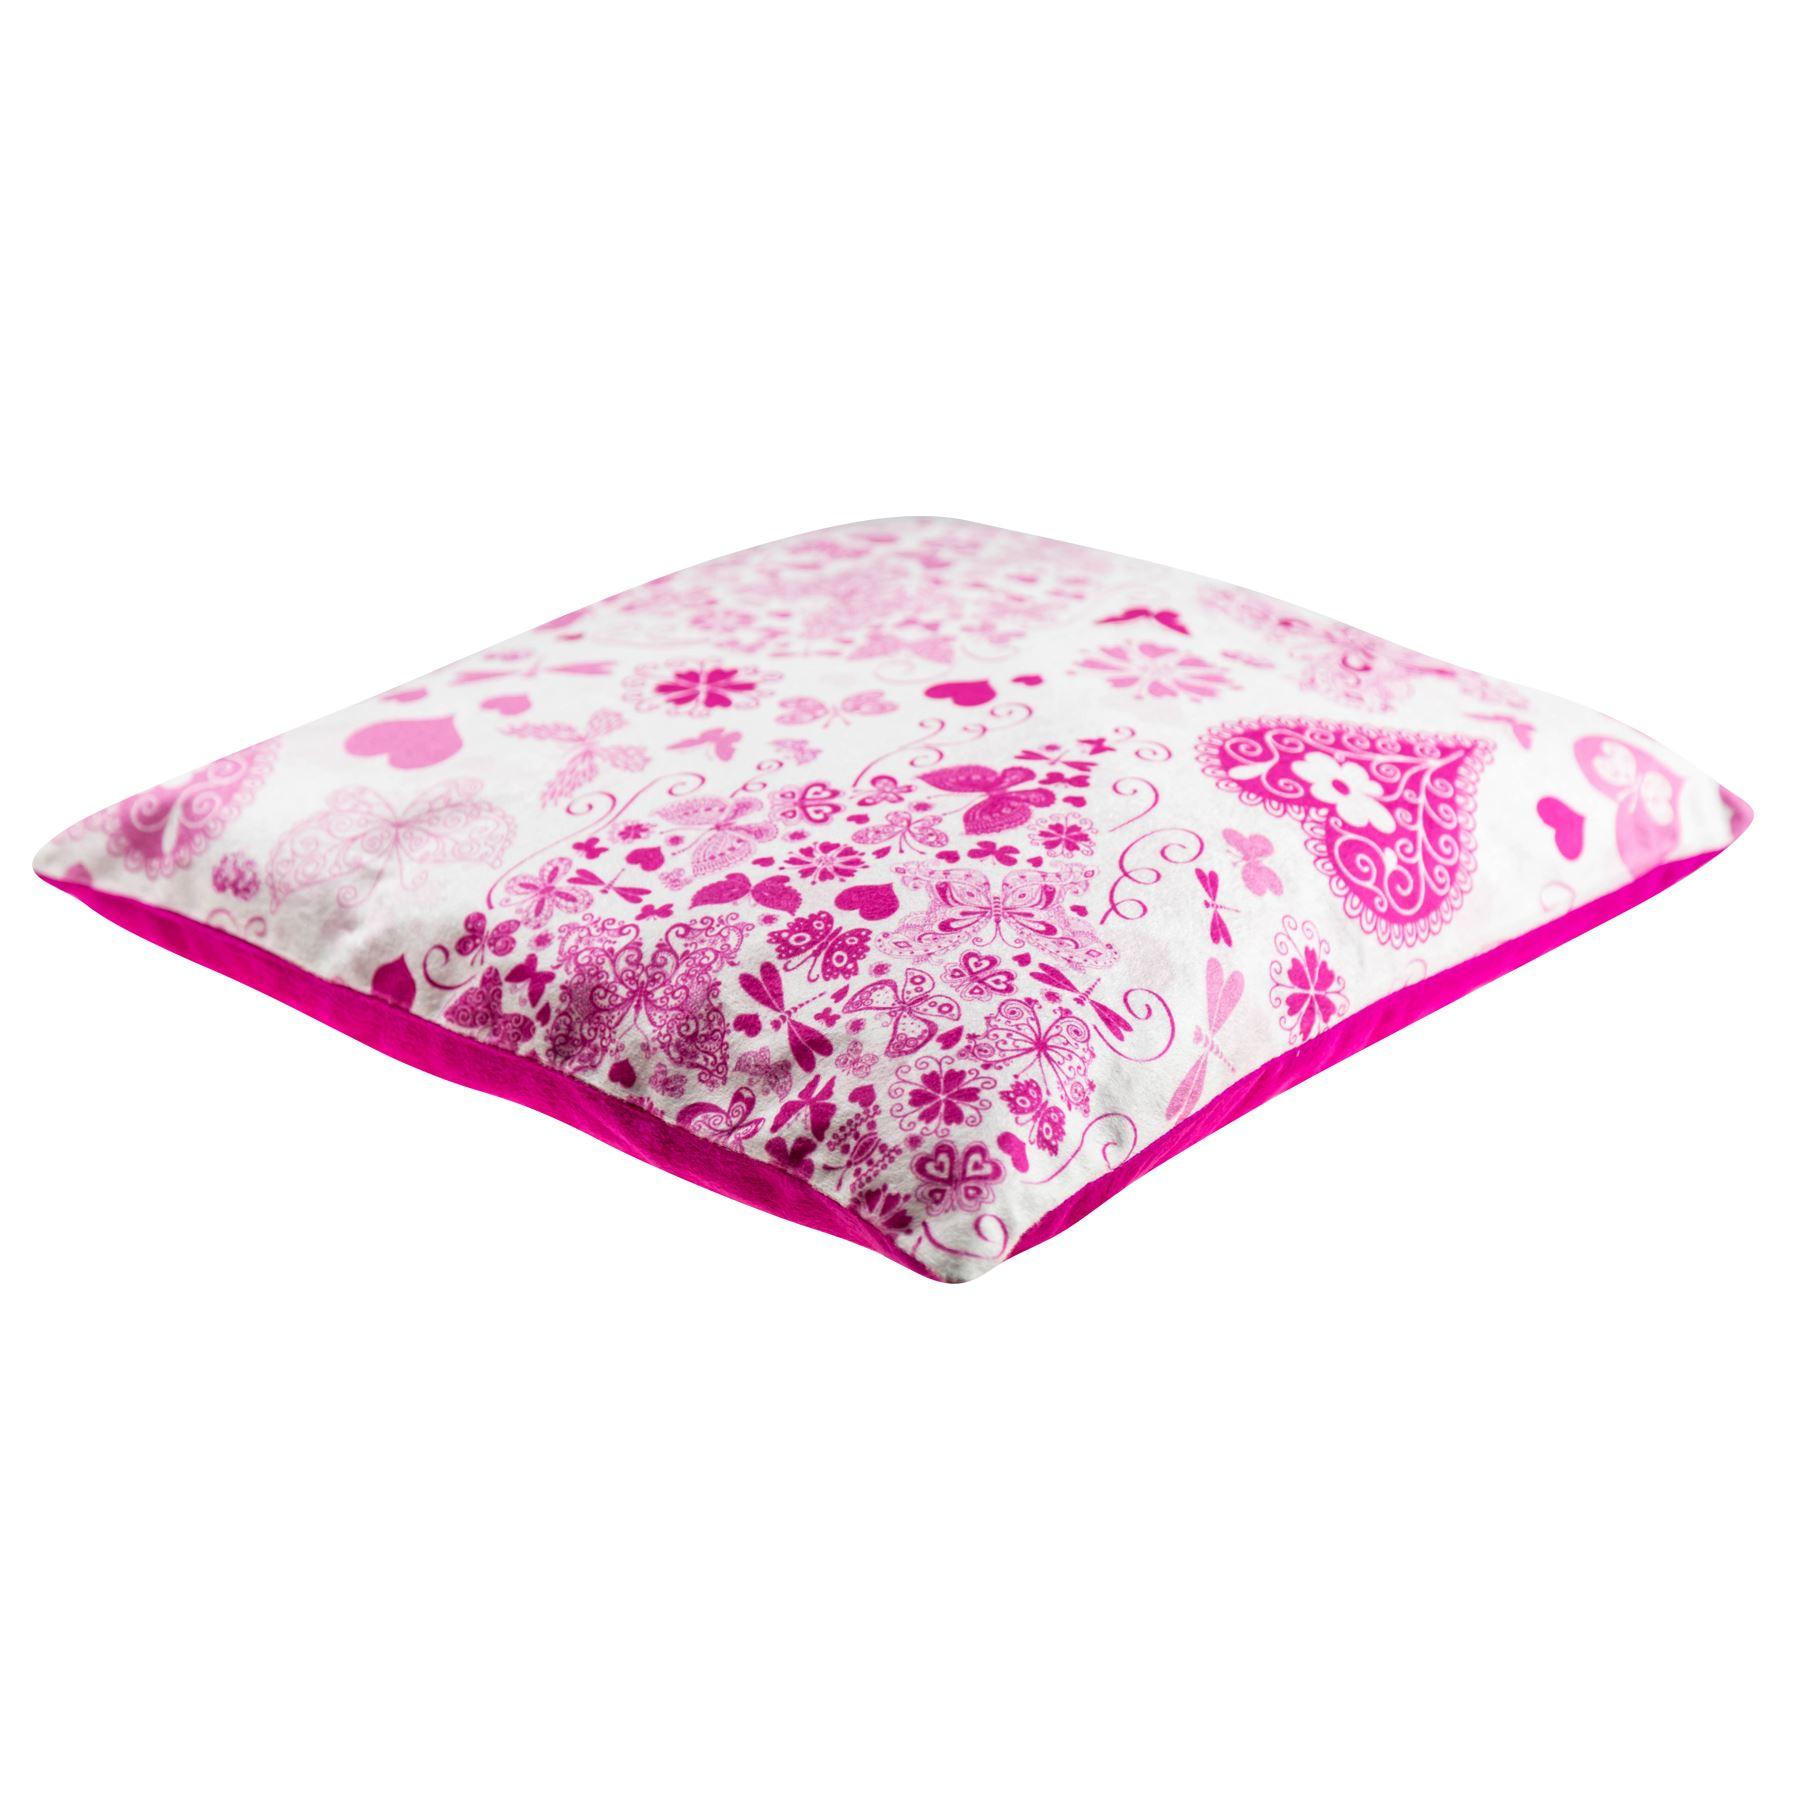 LUXE HOUSSES DE COUSSIN Digital Imprimé Rétro Pop Art design Square Pillow Case